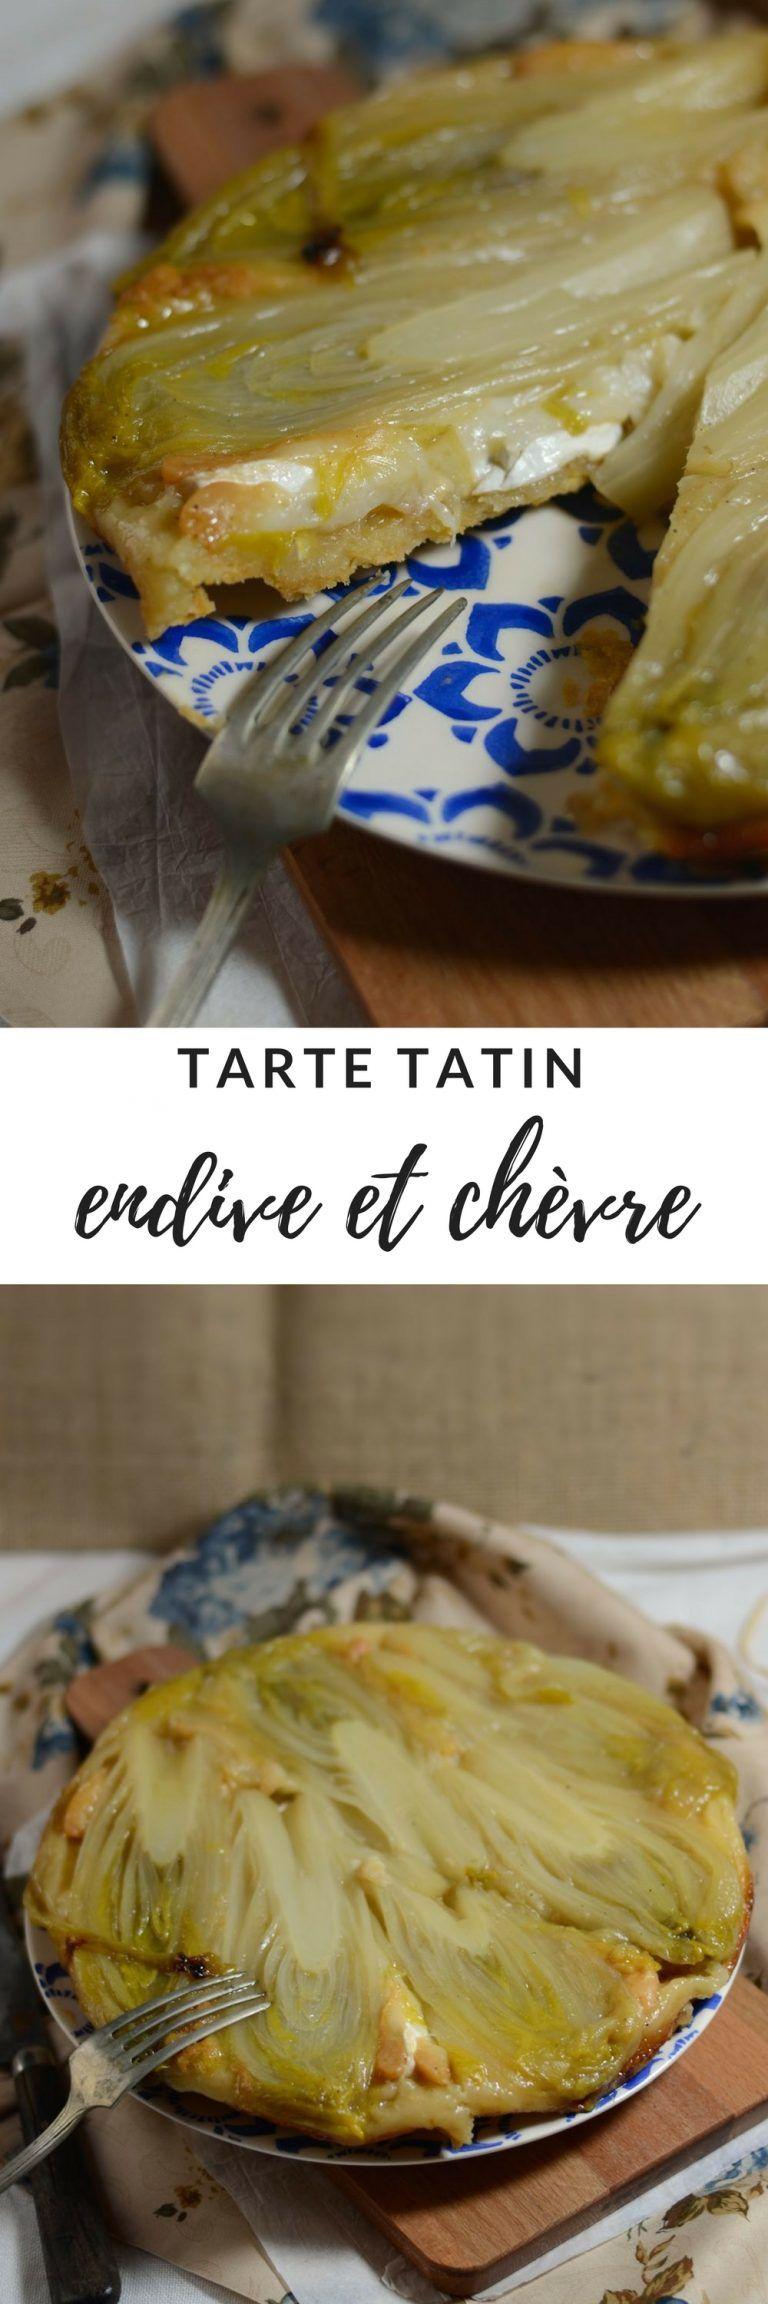 Tarte tatin d'endive au chèvre et miel   Recette (avec ...